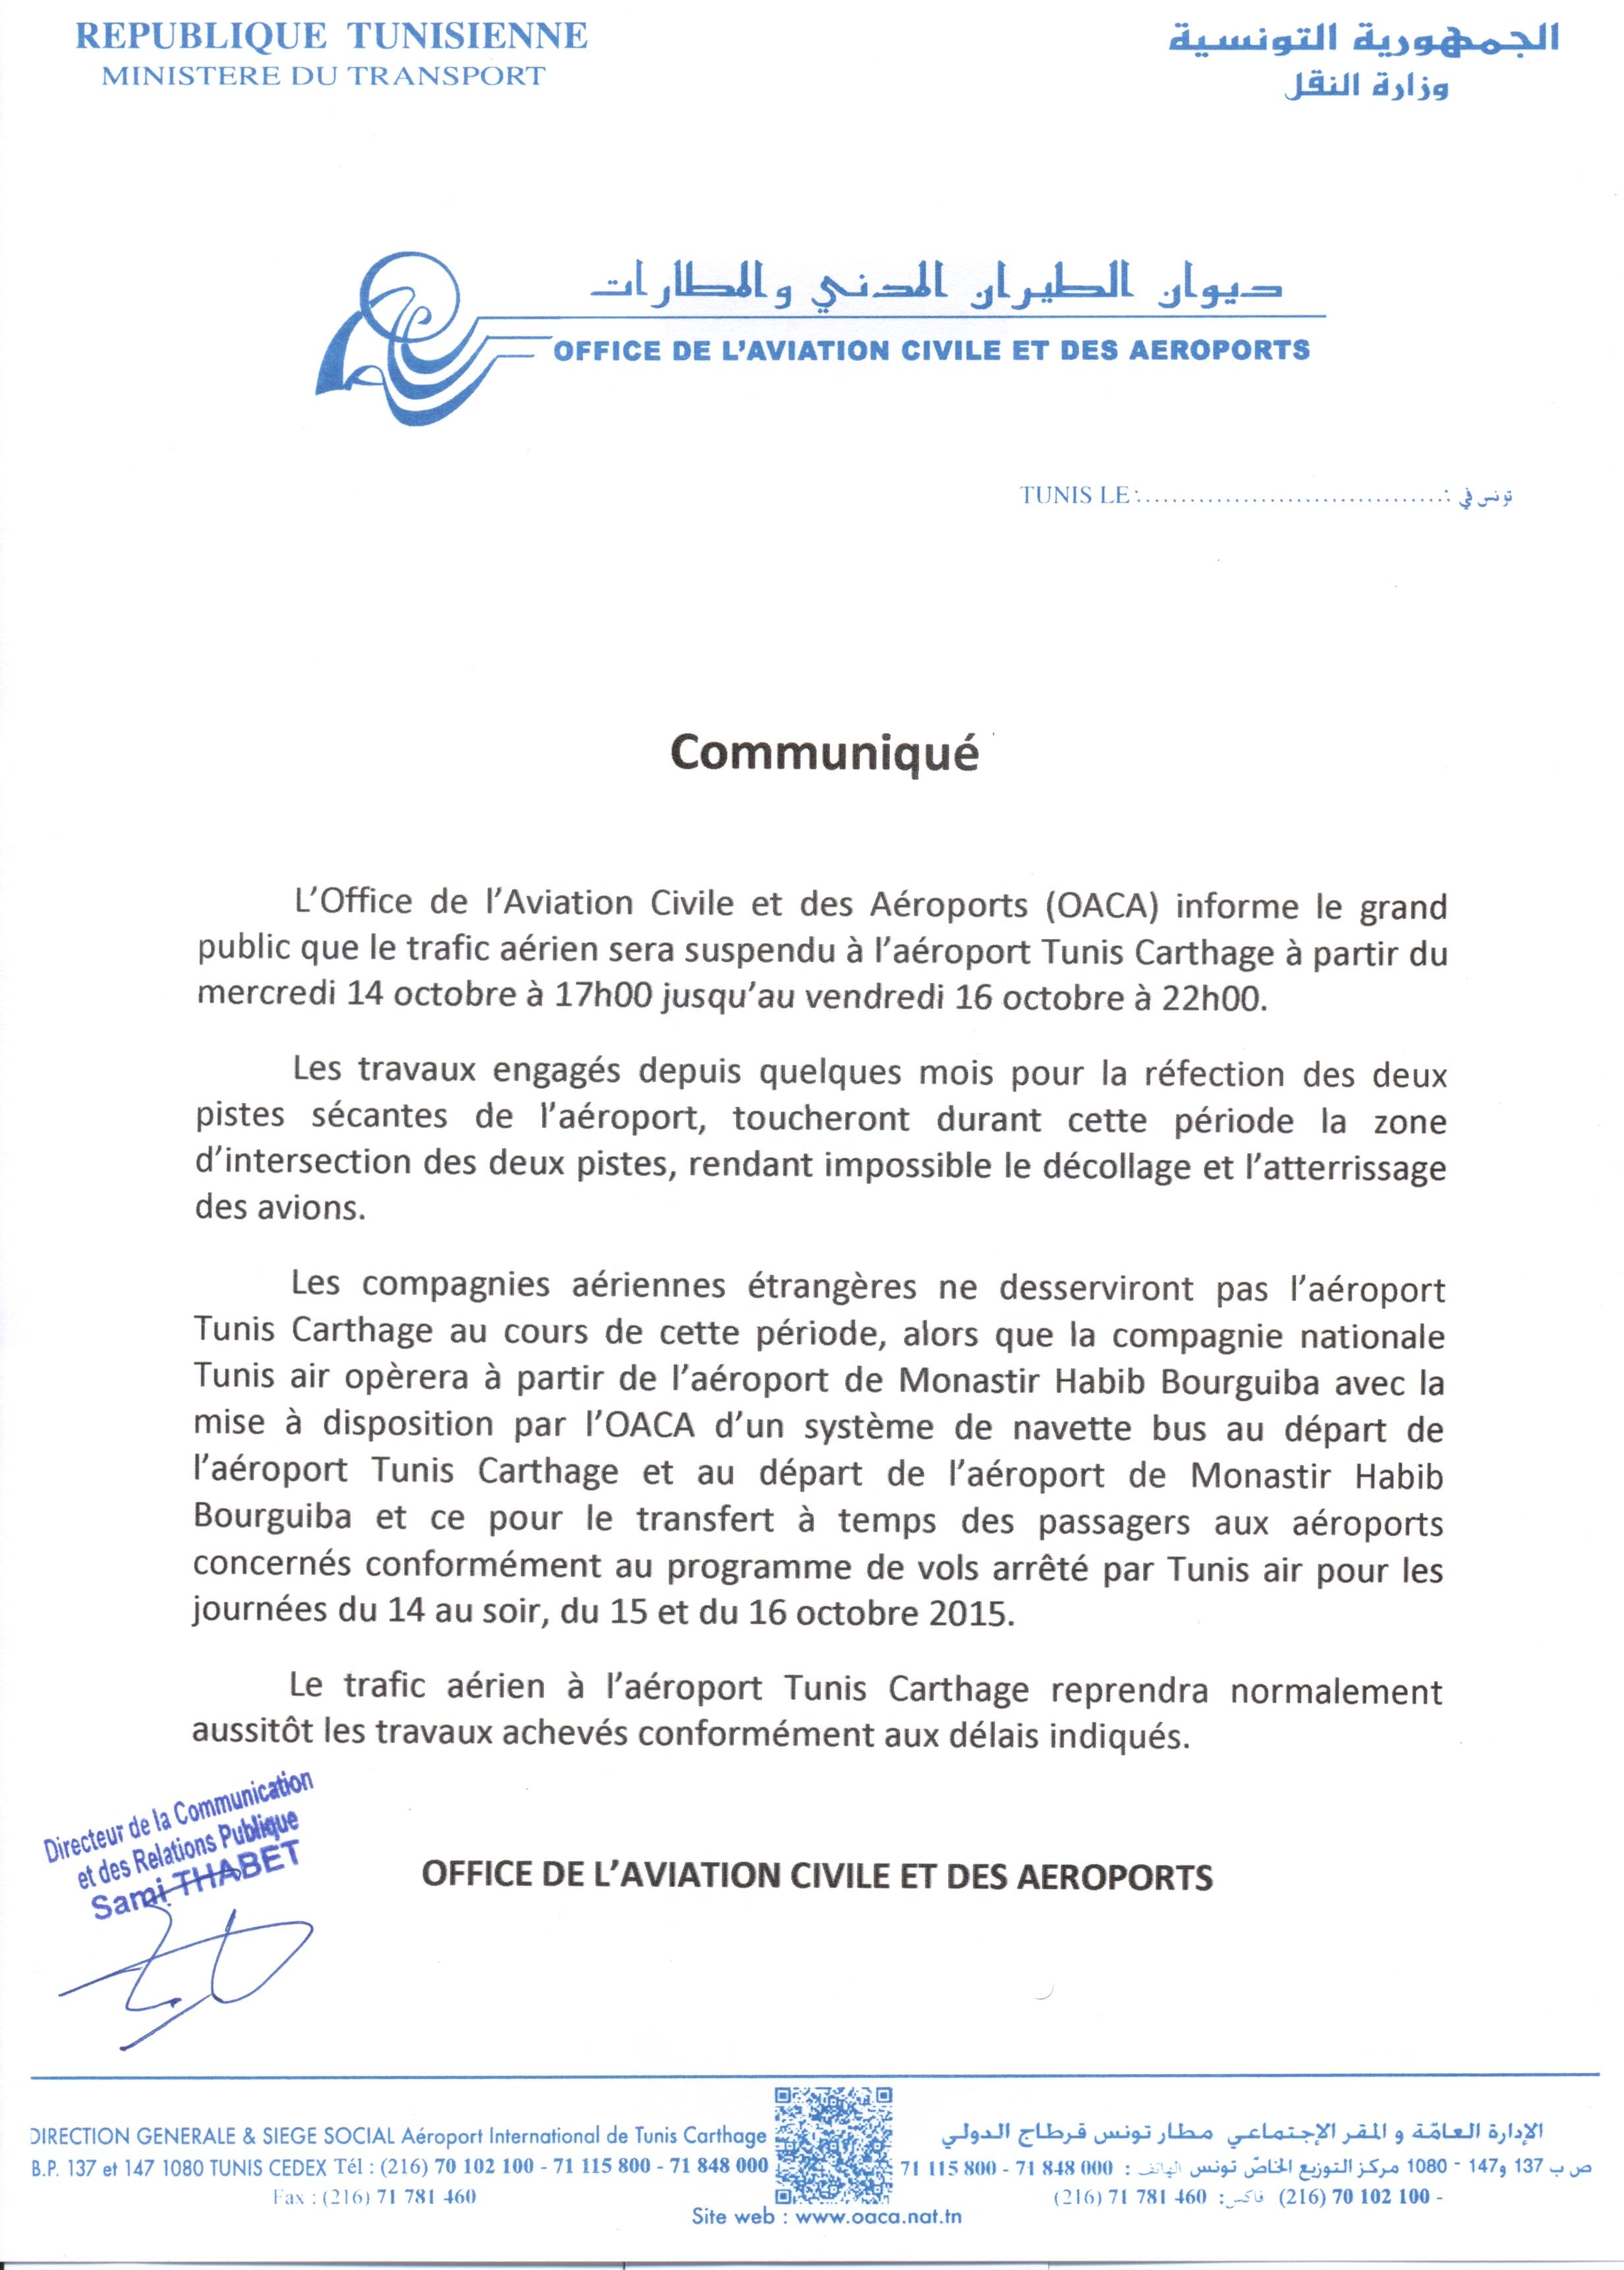 Oaca communiqu - Office de l aviation civile et des aeroports tunisie ...